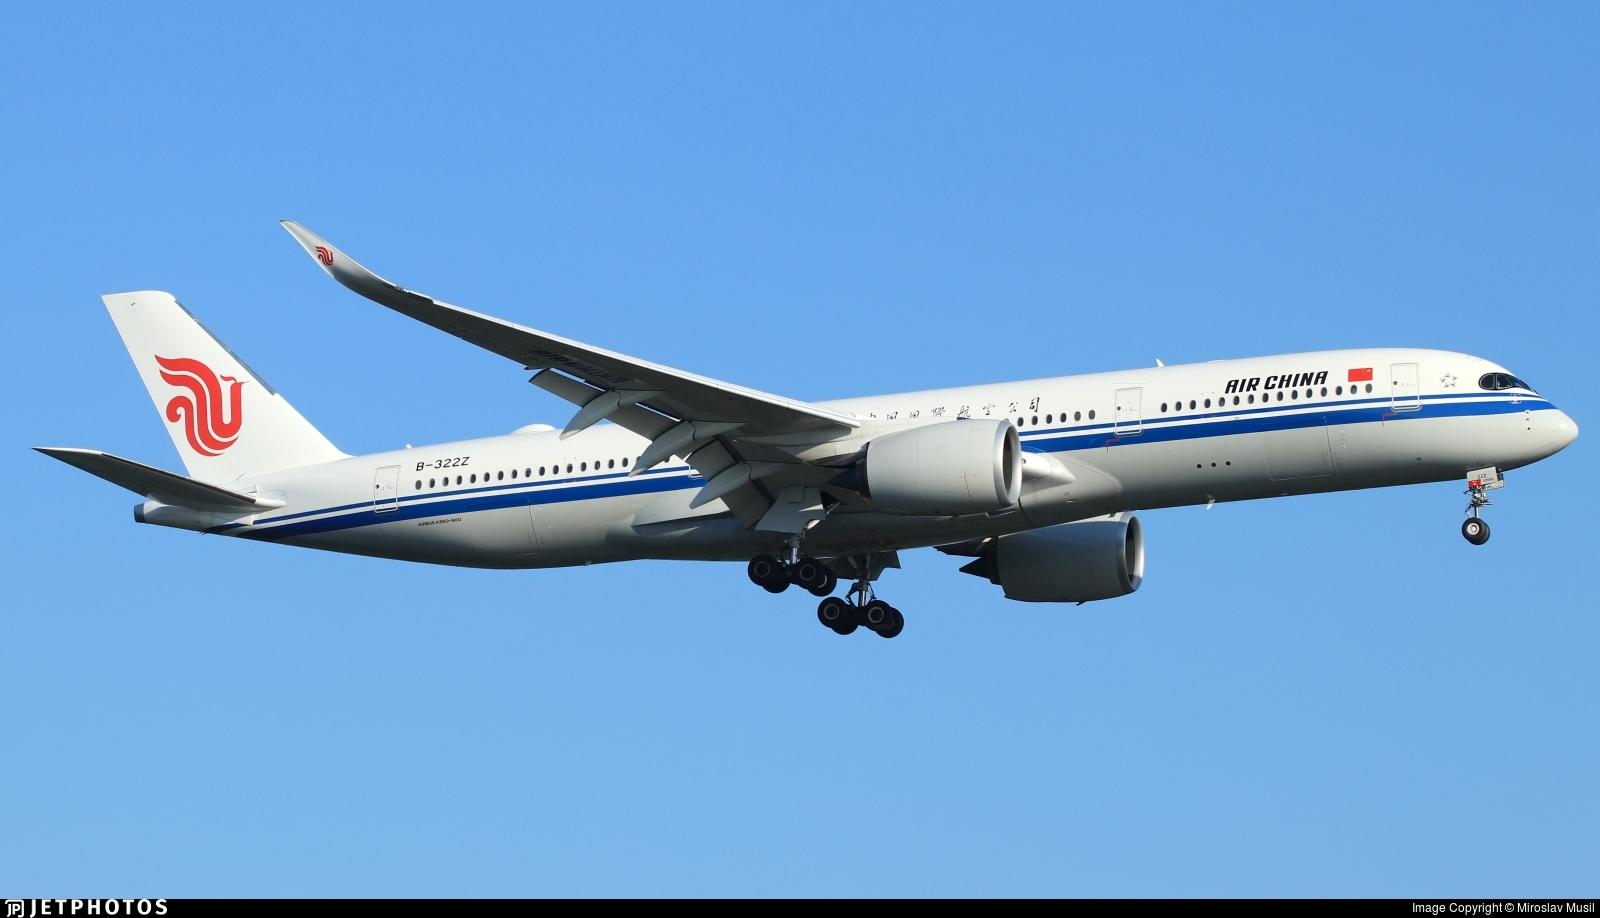 B-322Z - Airbus A350-941 - Air China